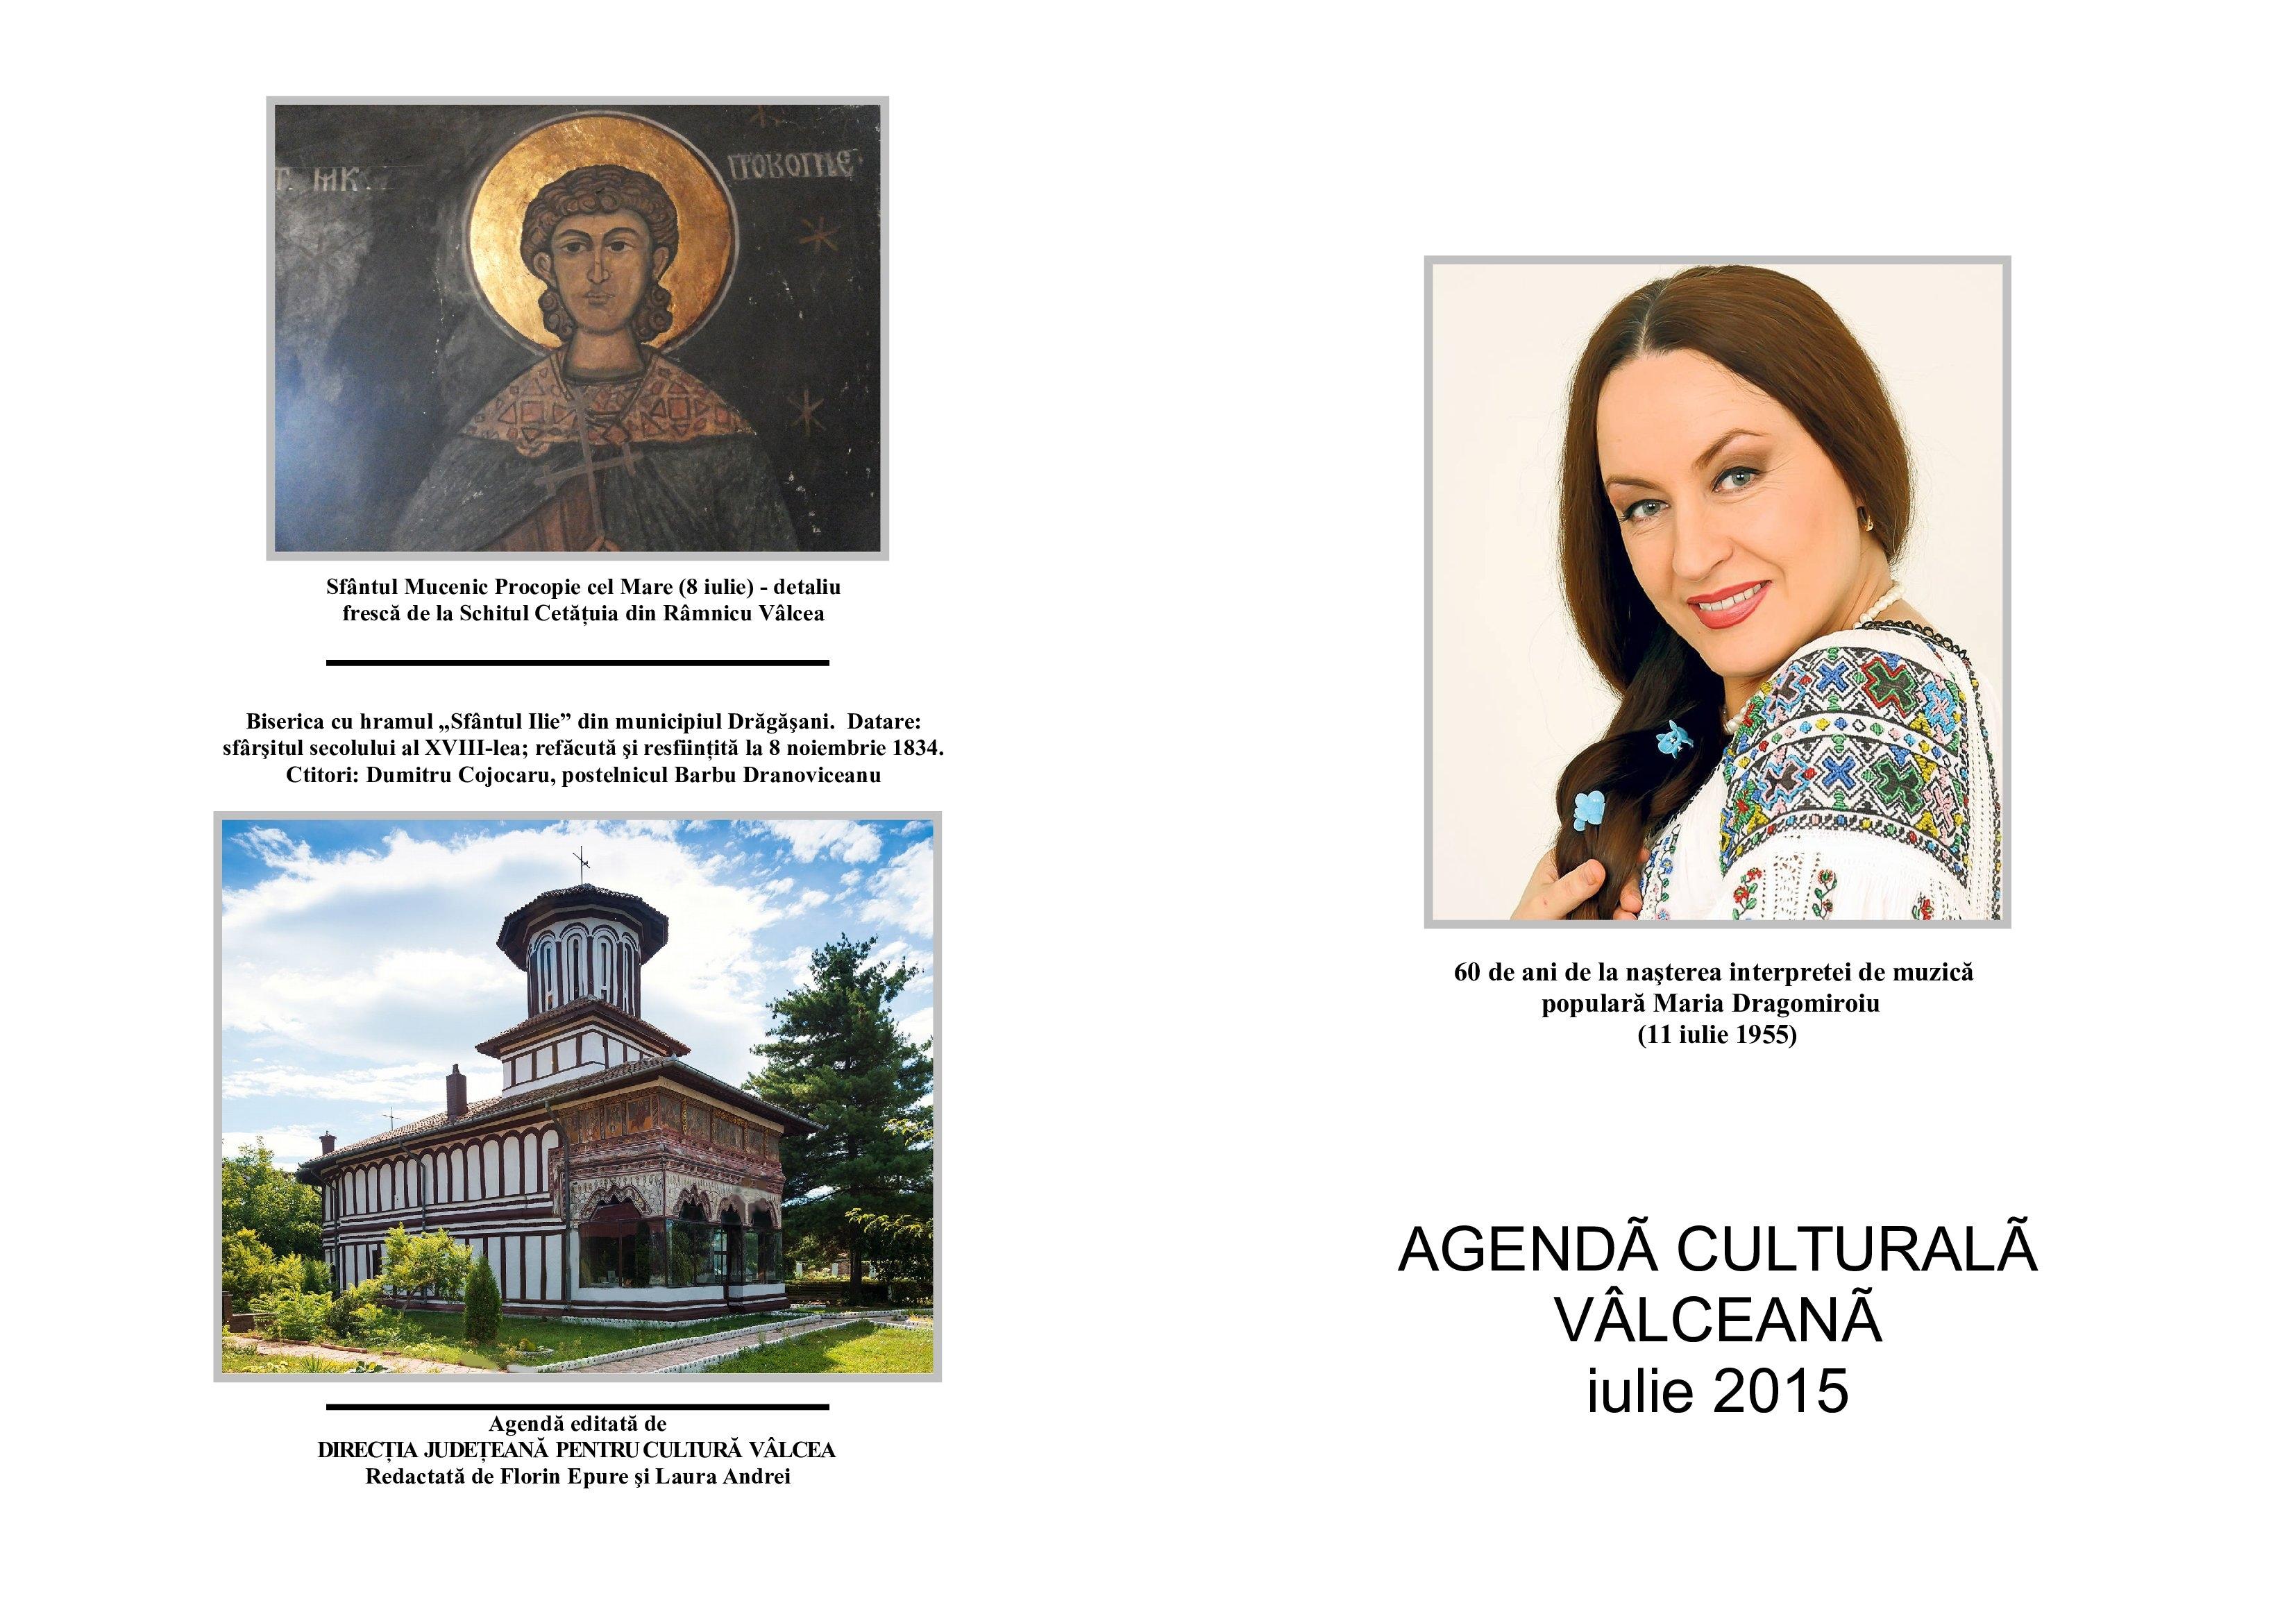 Agenda Culturala Valceana, iulie 2015